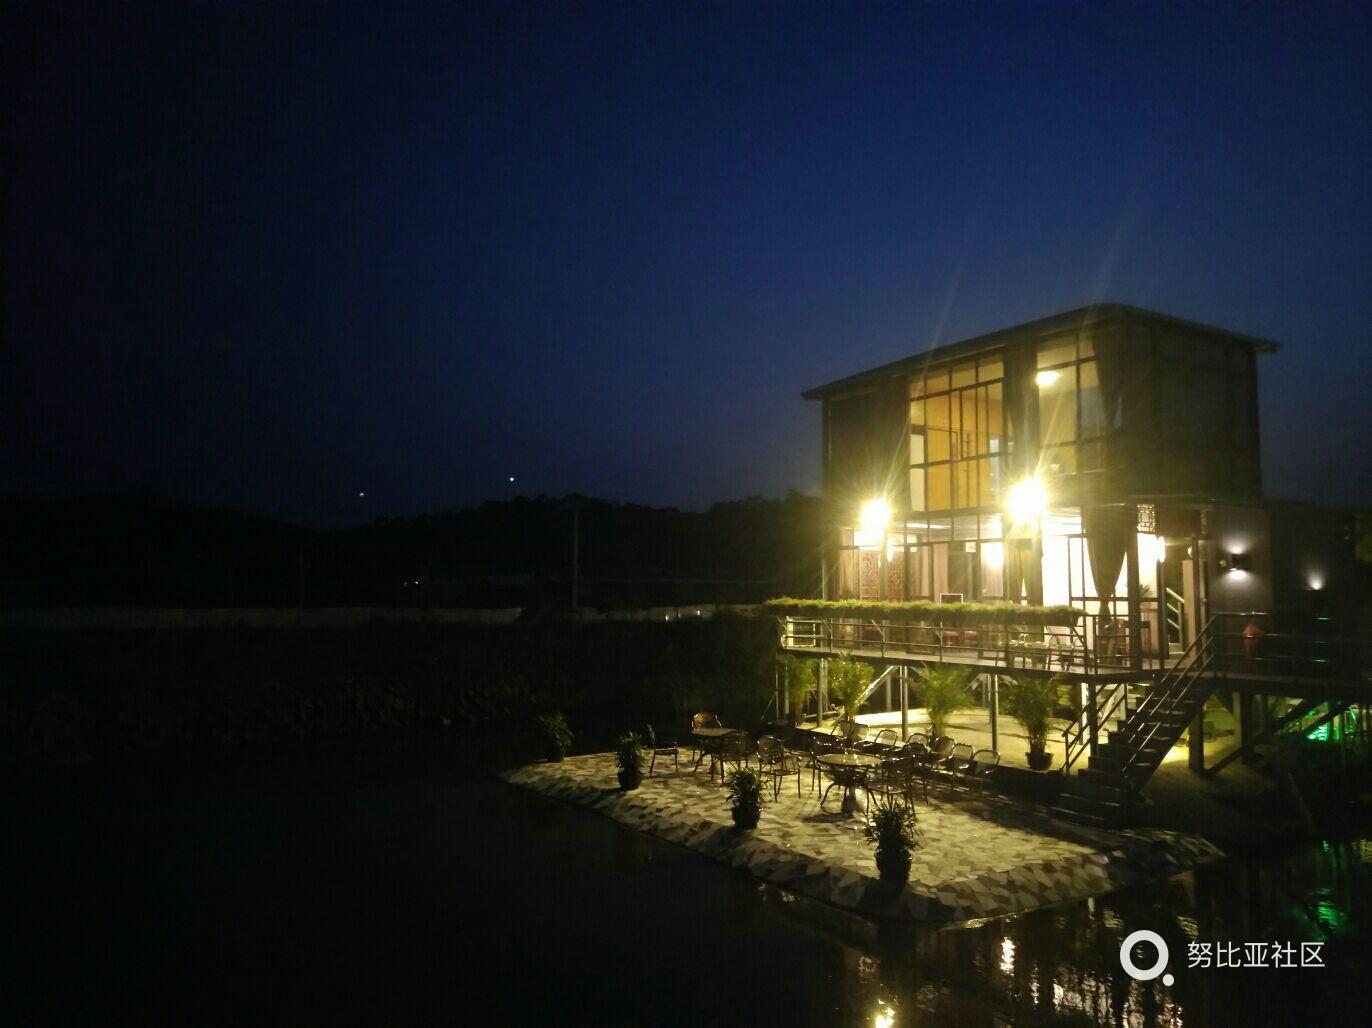 乡里人家美景 ——广东鹤山市龙口镇那白村